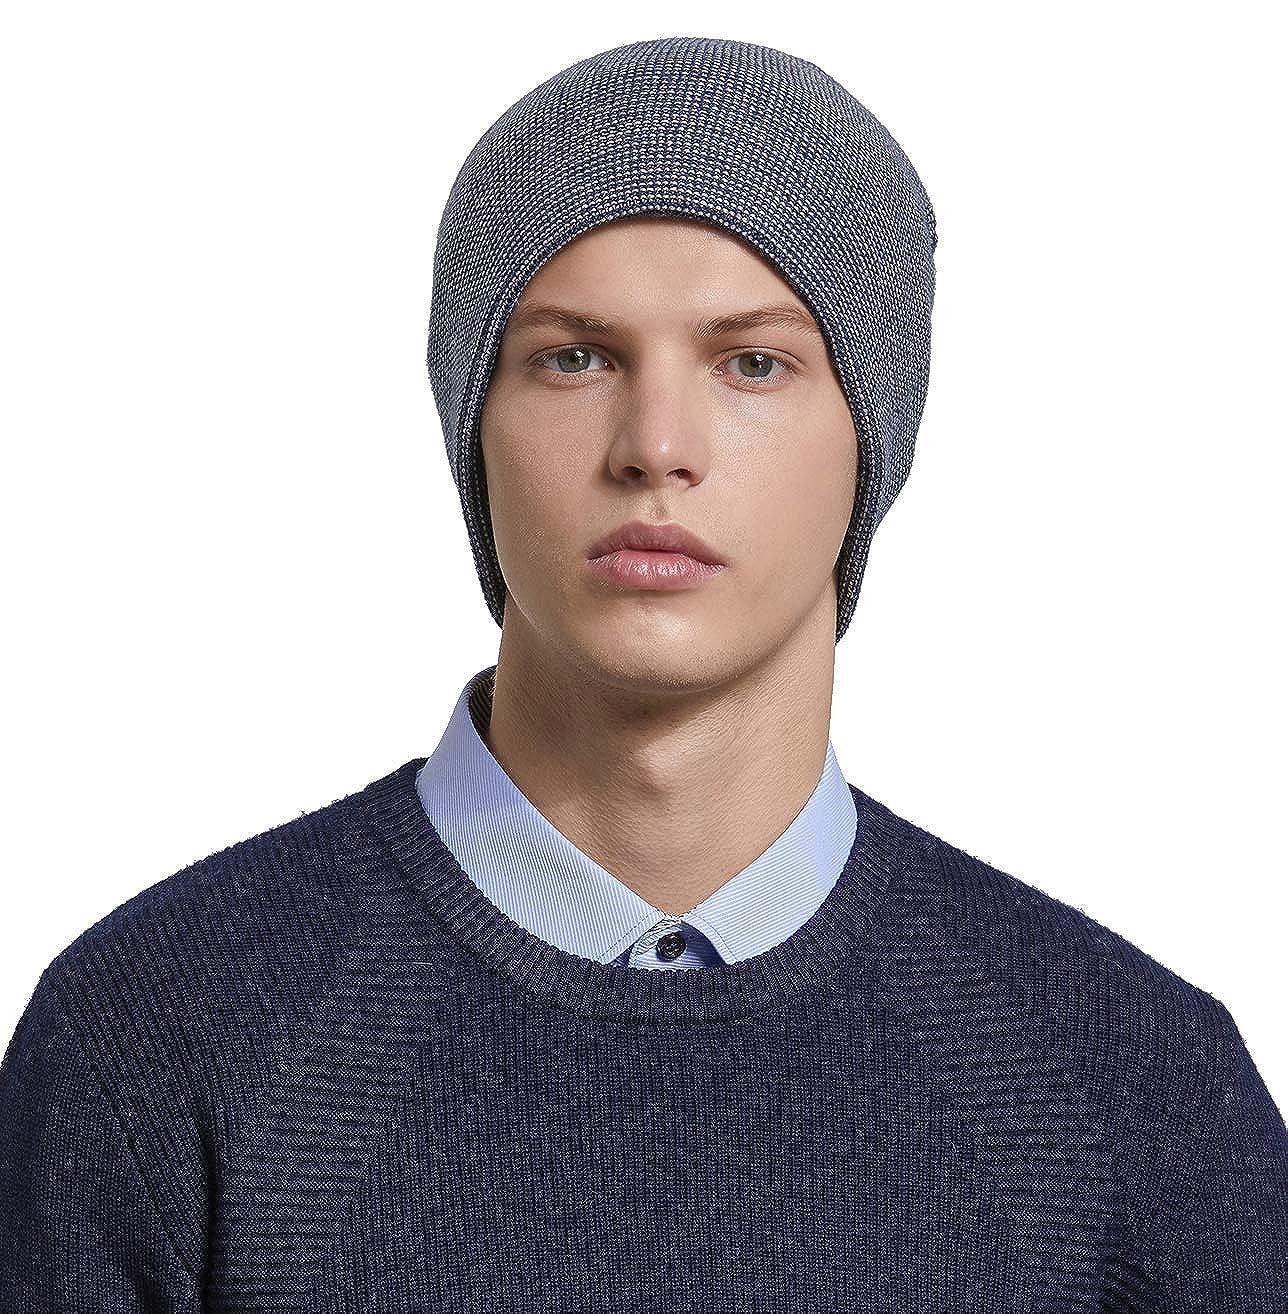 d6ec2976f72e9 RIONA 30% Laine Bonnet Hiver Chapeau tricoté Homme Beanie Hats Hiver  Chapeau Wool Beanie pour Homme Taille Unique: Amazon.fr: Vêtements et  accessoires